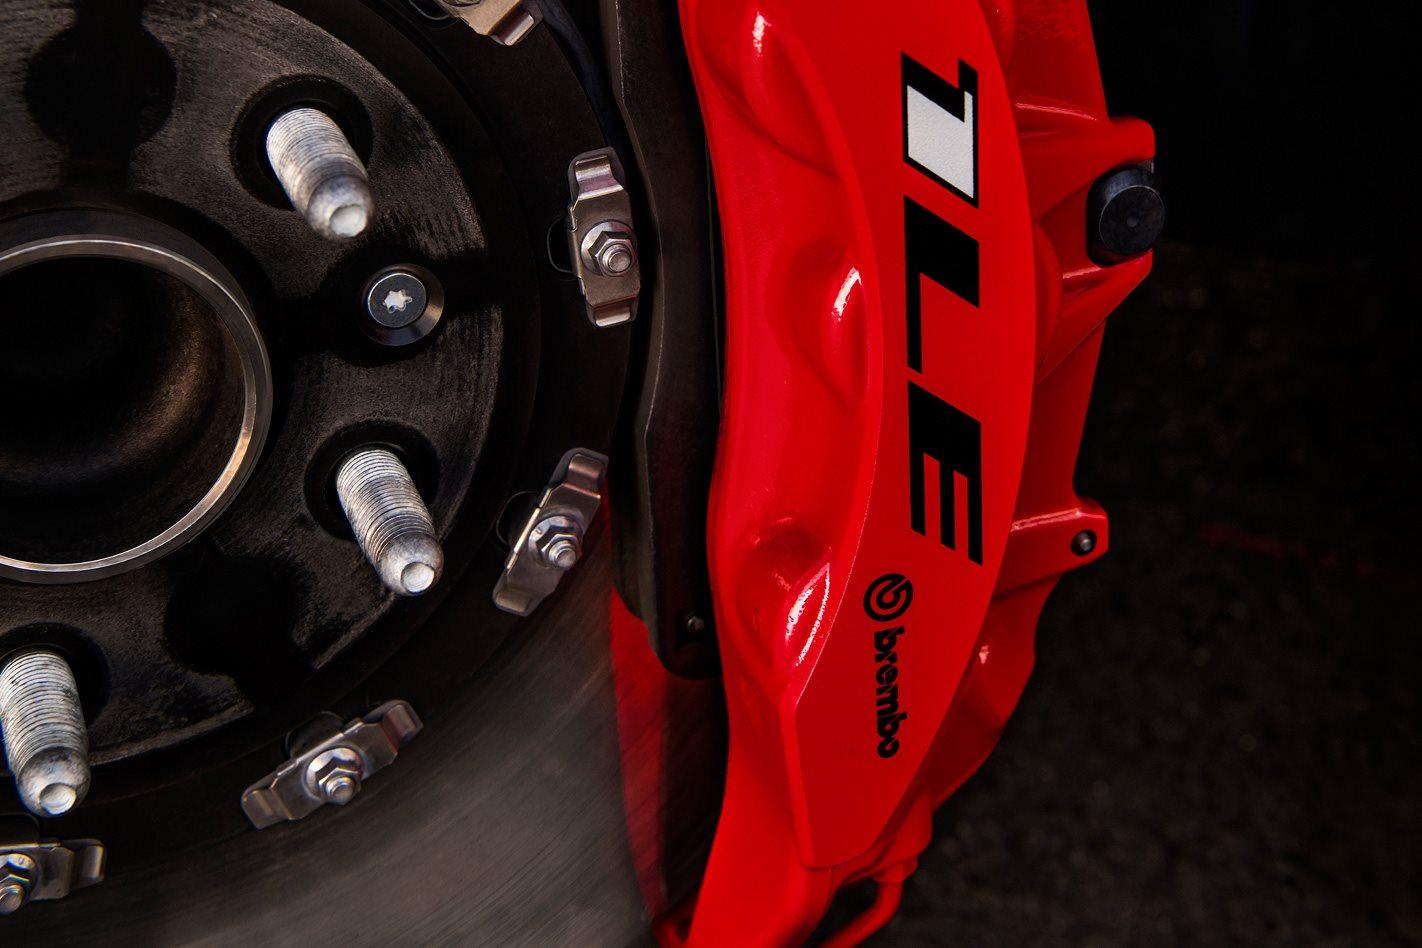 2018-Chevrolet-Camaro-ZL1-1LE-brakes.jpg